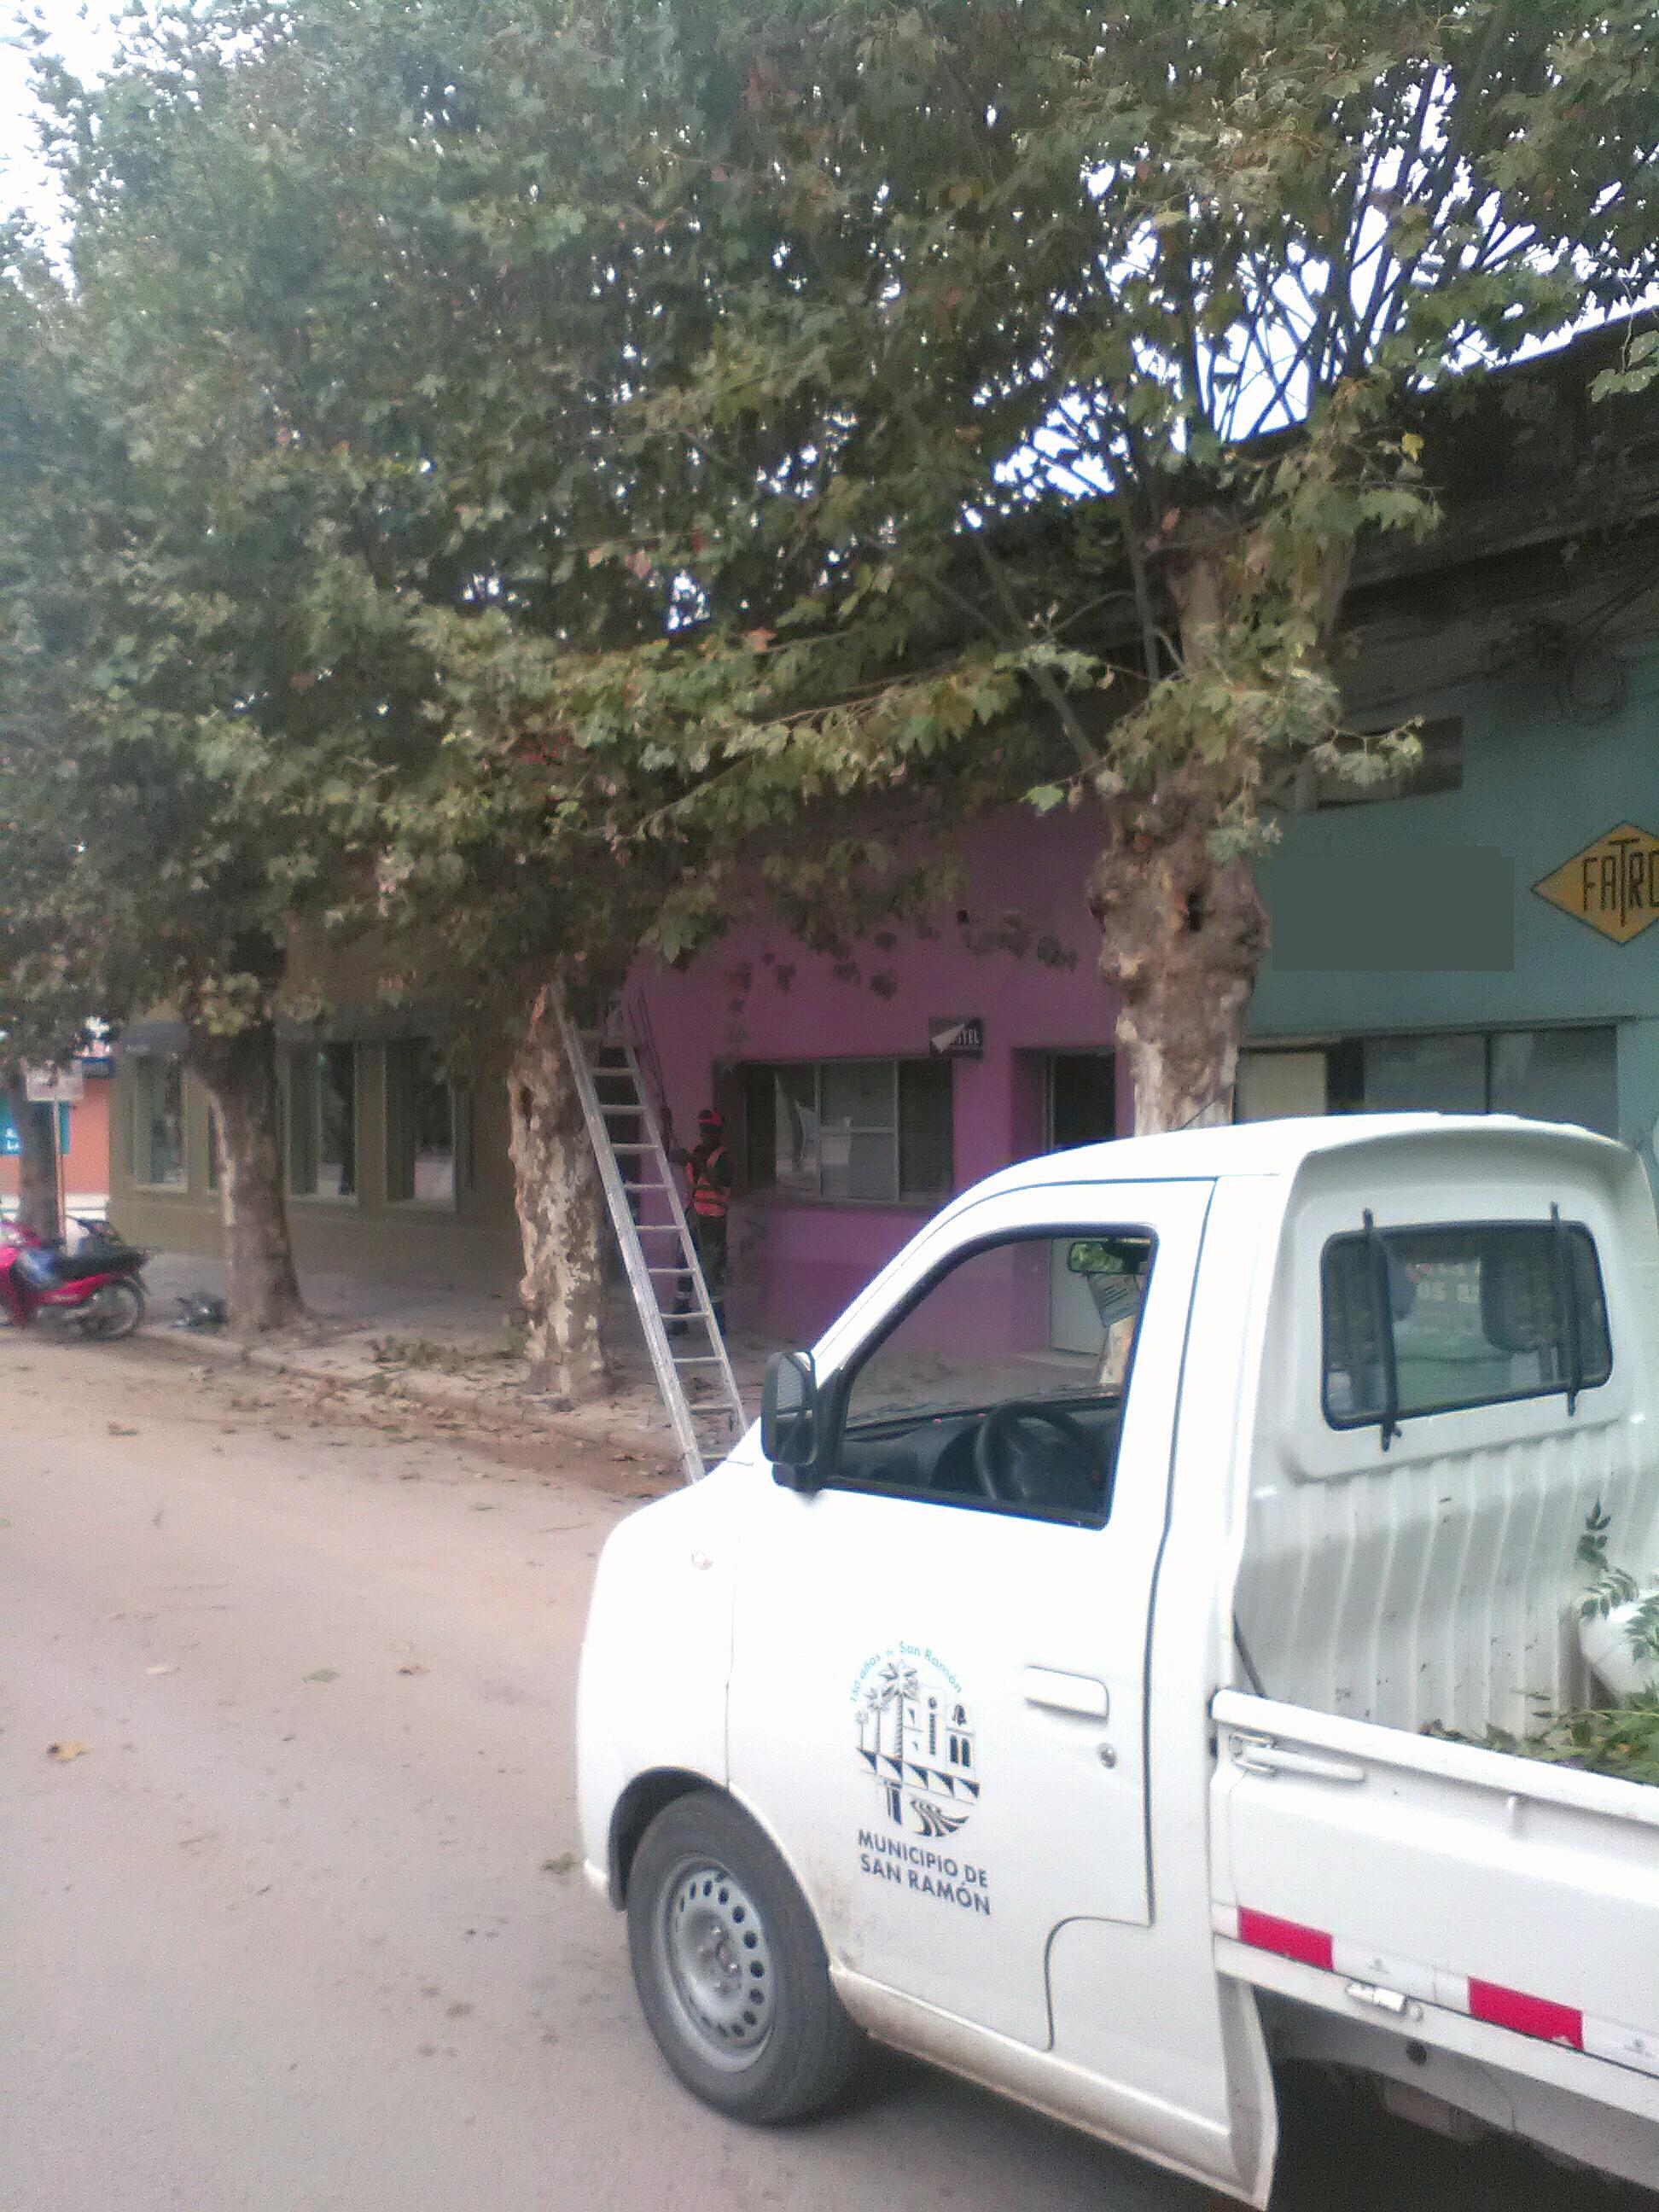 PODE DE ARBOLES EN LA CIUDAD DE SAN RAMON